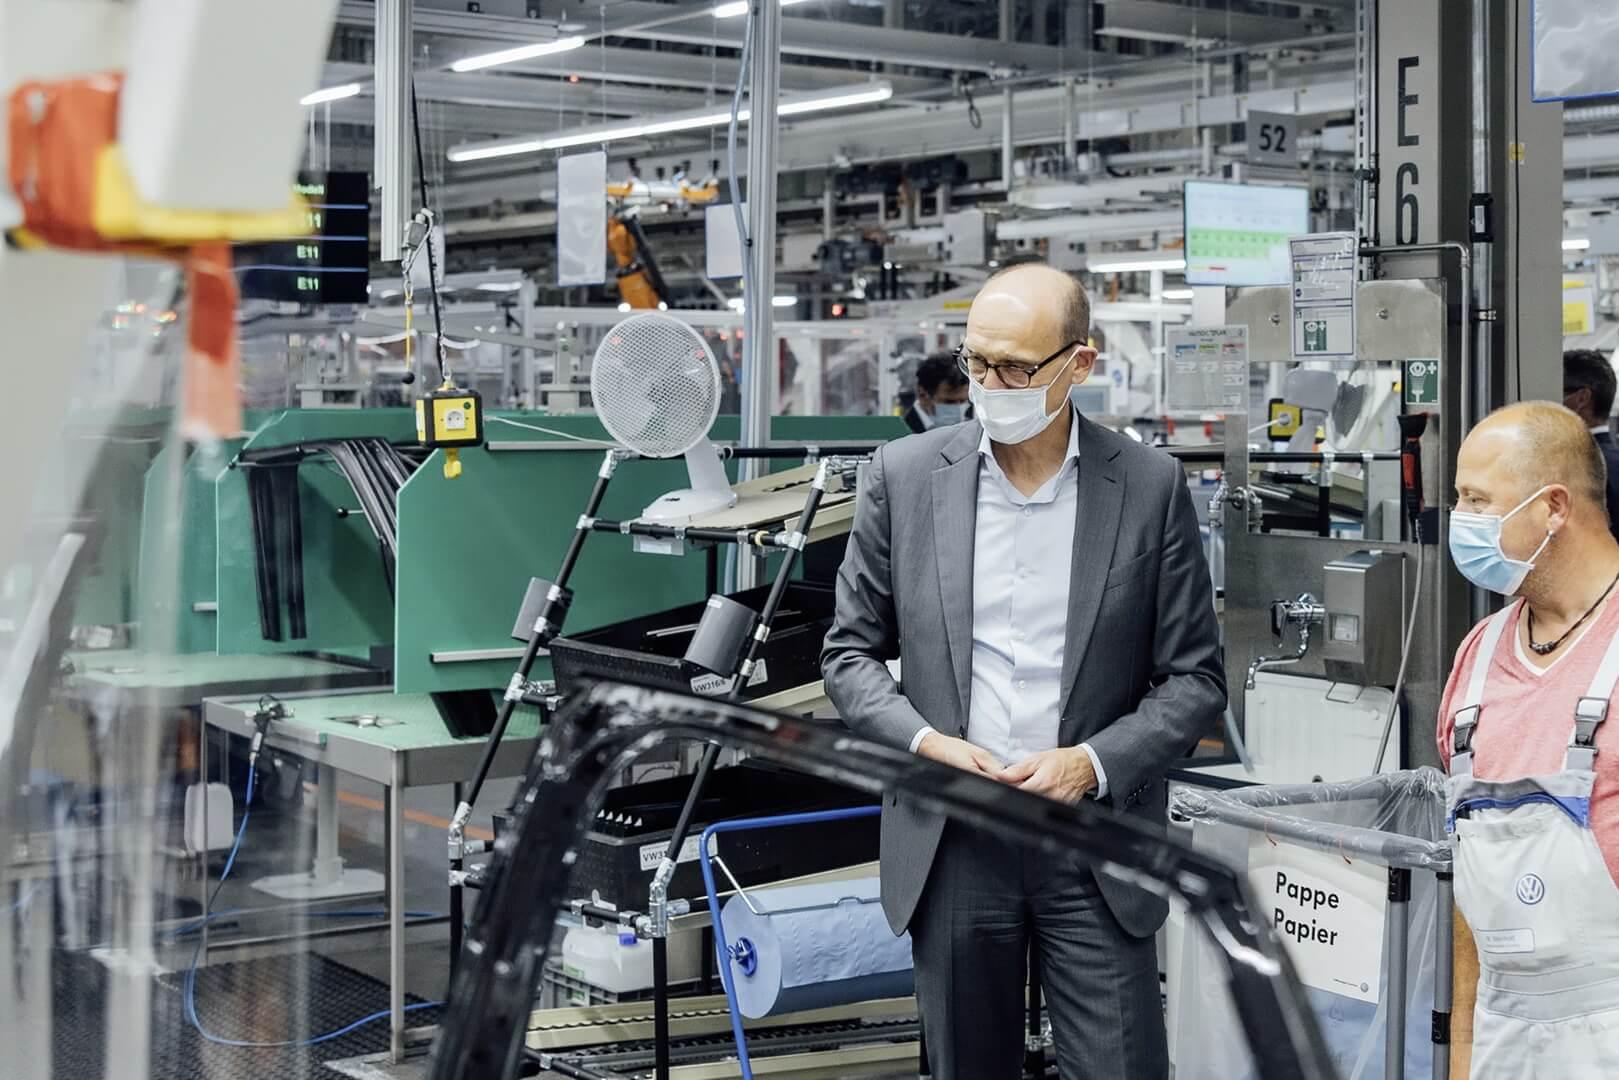 Генеральный директор бренда Volkswagen Ральф Брандштеттер на производственной линии в Цвикау в начале серийного производства ID.4